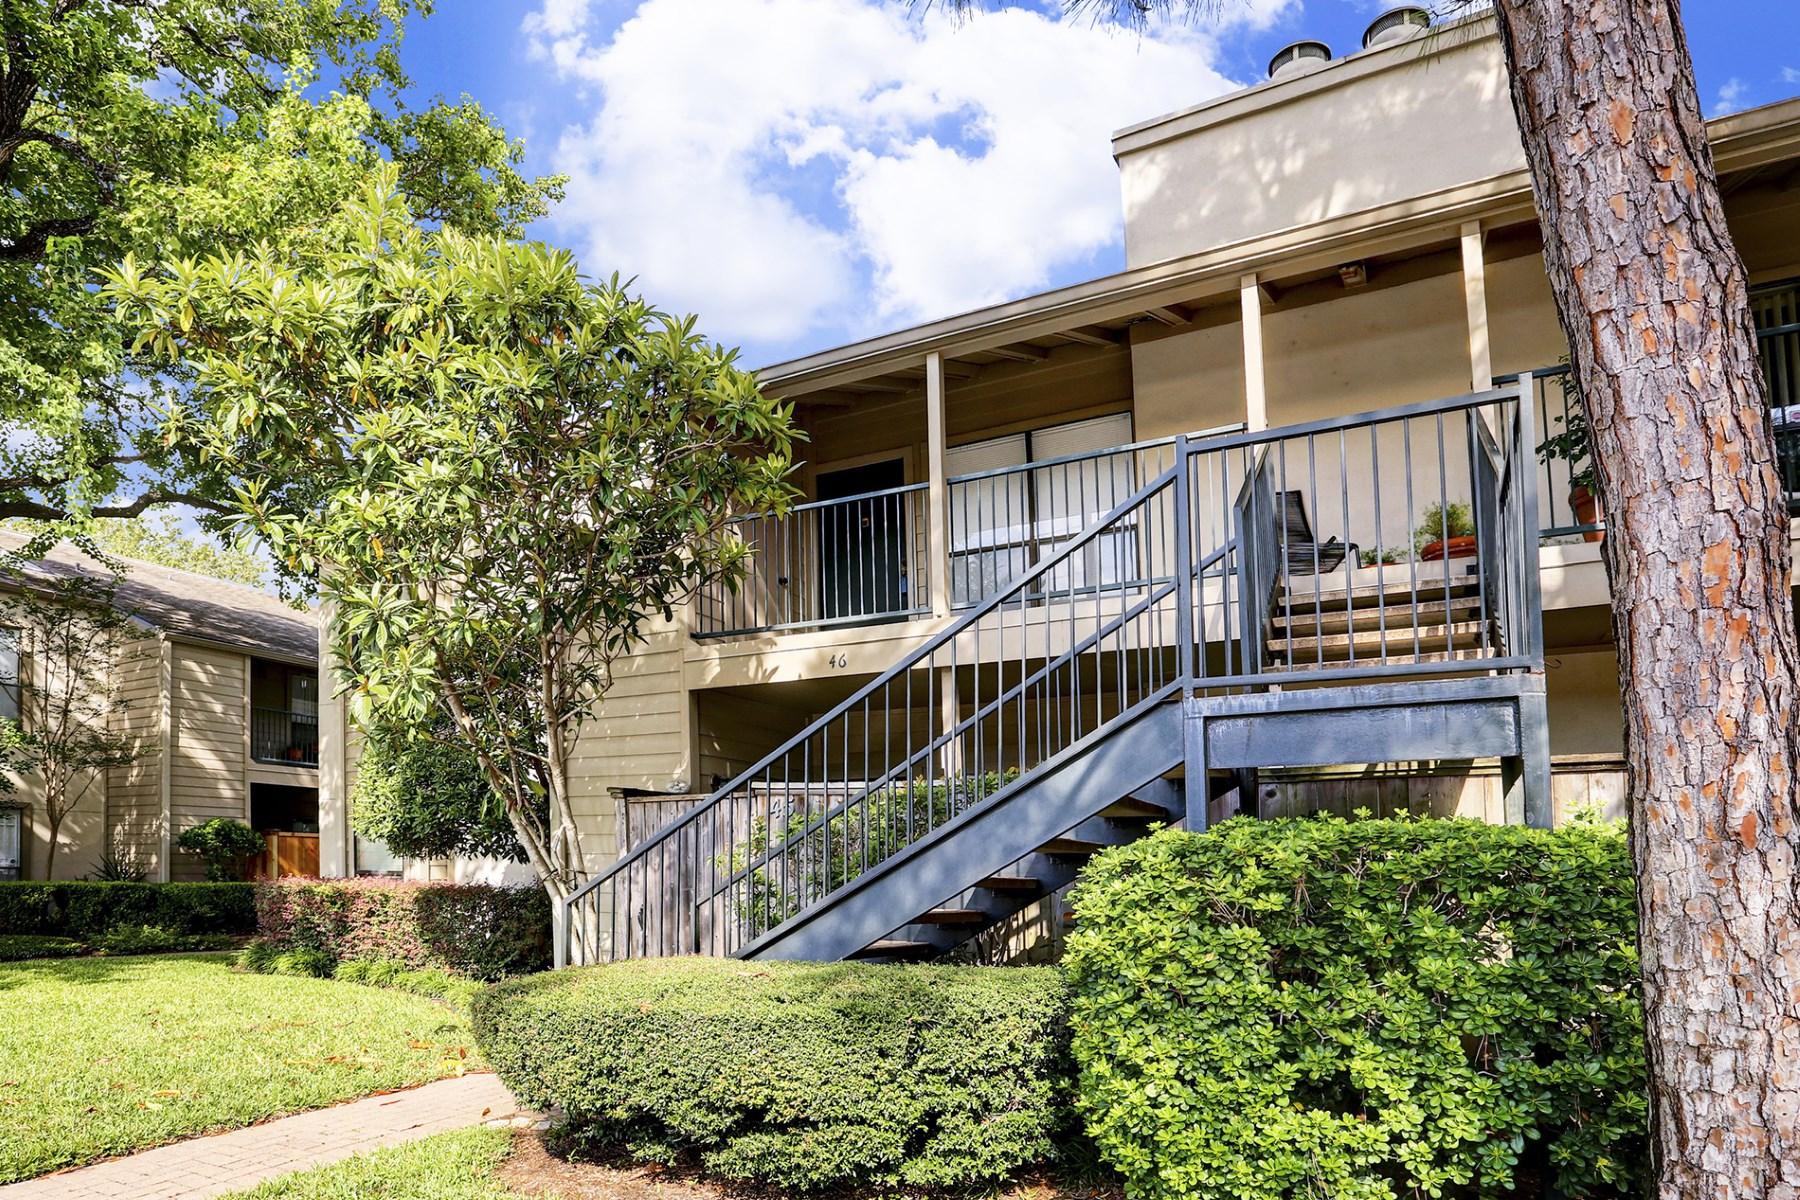 Кондоминиум для того Продажа на 1100 Augusta Drive 1100 Augusta Drive Unit 46, Briargrove, Houston, Техас, 77057 Соединенные Штаты